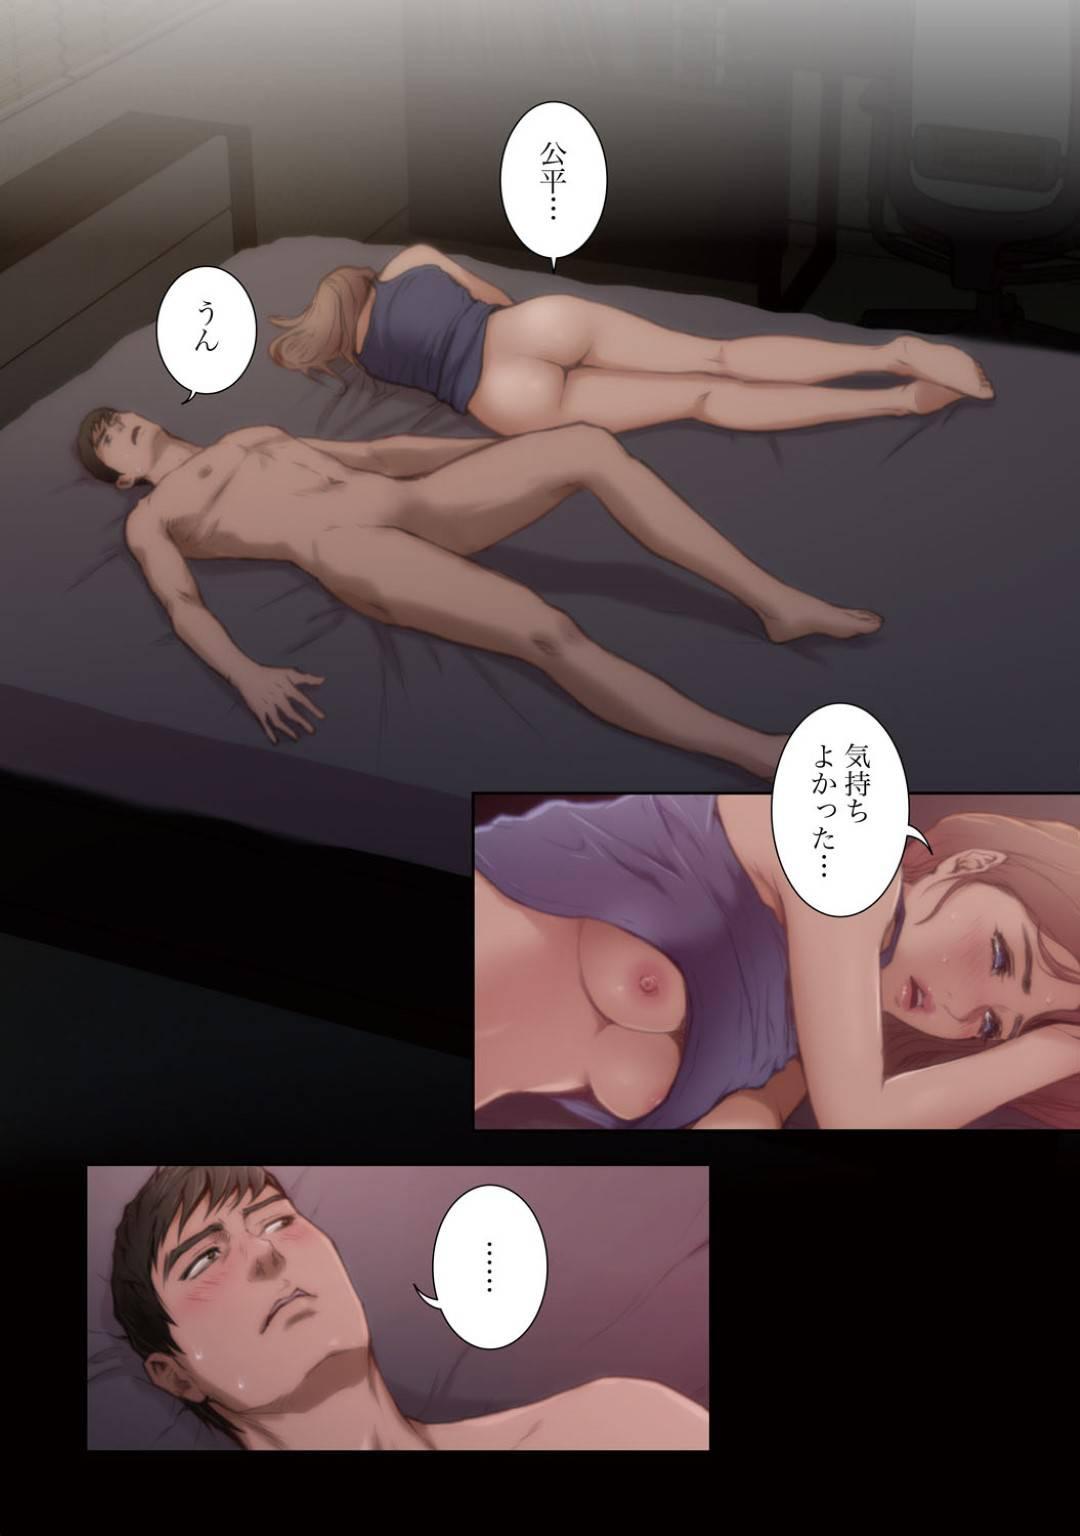 【エロ漫画】獣みたいに激しく膣内の奥まで激しく突かれたいと願いながら感じる女性。一夜明けて何事もない生活を送ることに悩む男性。